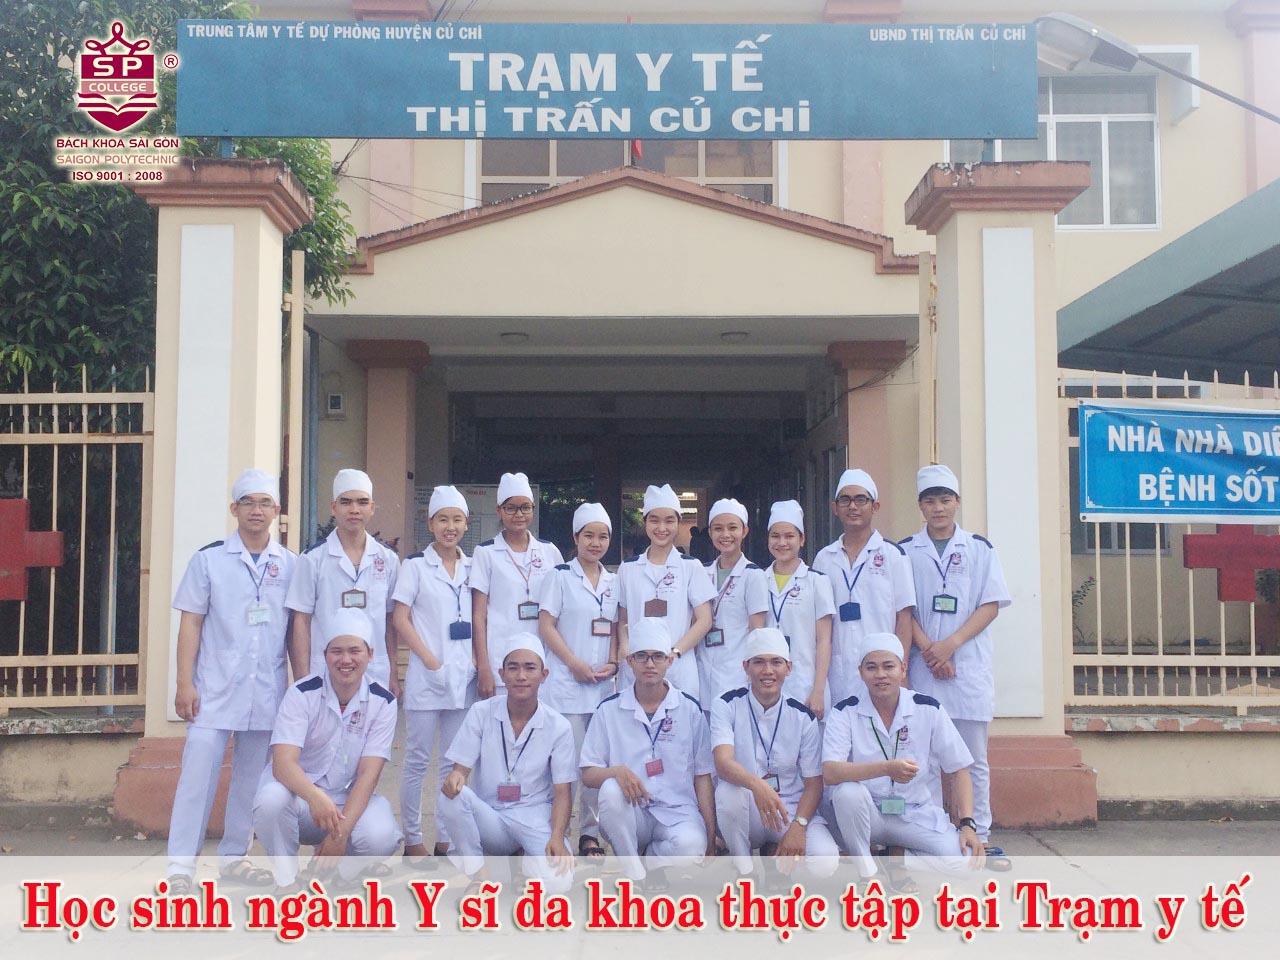 học viên ngành y sĩ đa khoa thực tập tại trạm y tế